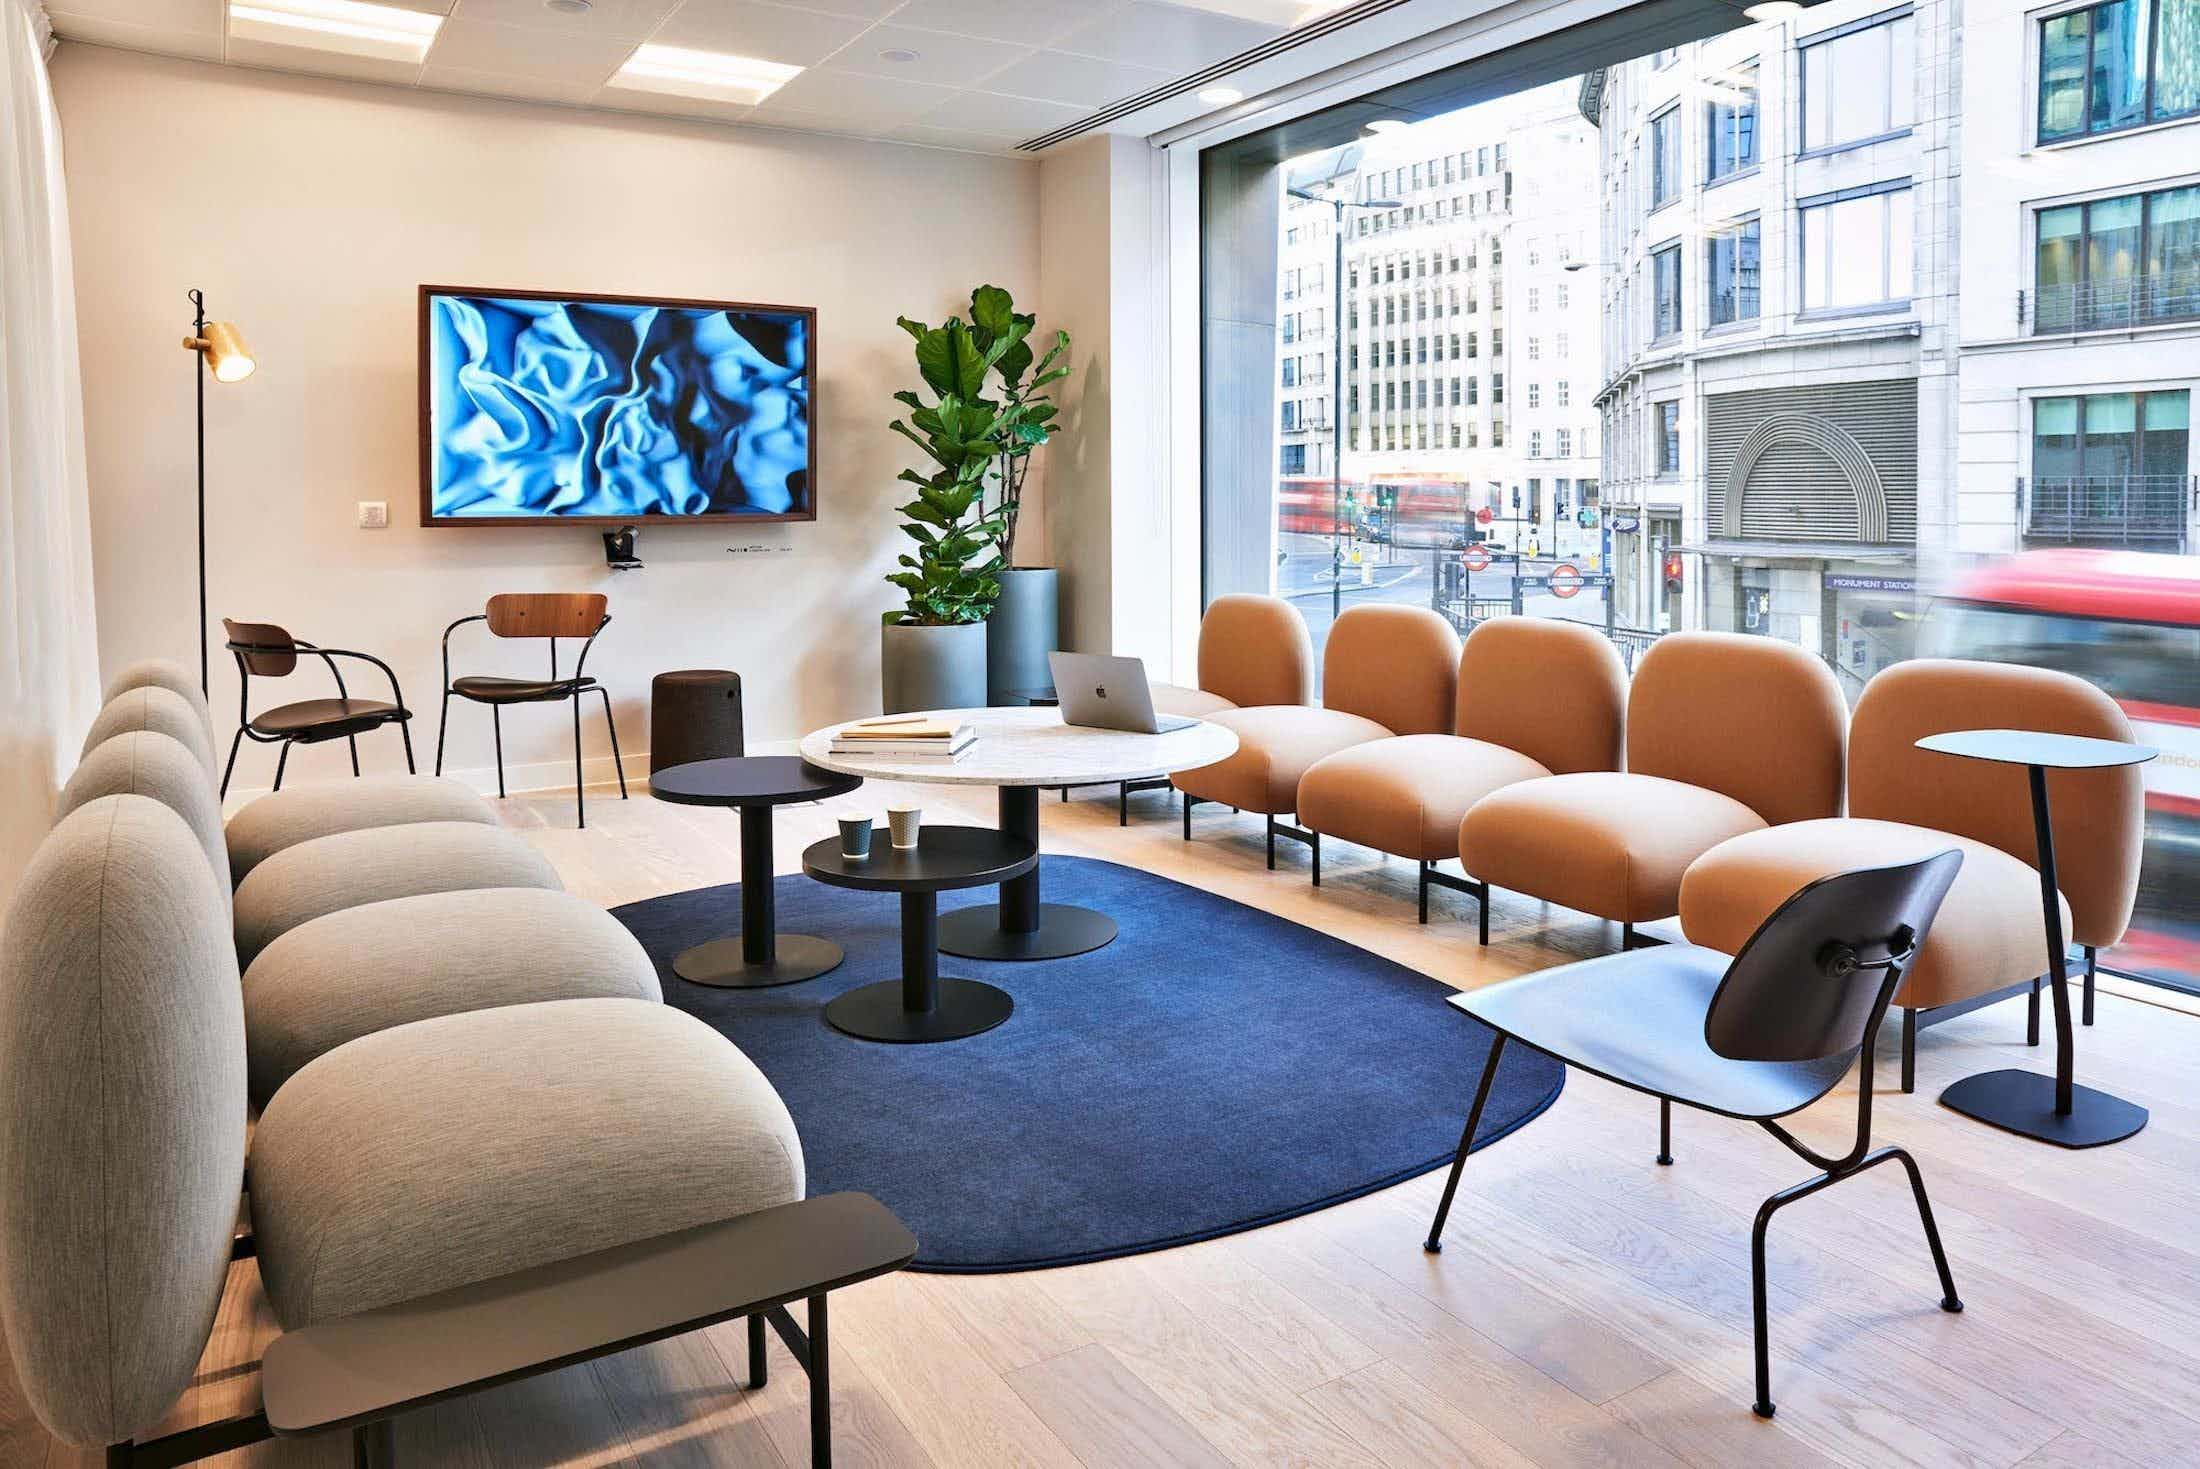 Meeting Room # 16, Meet in Place